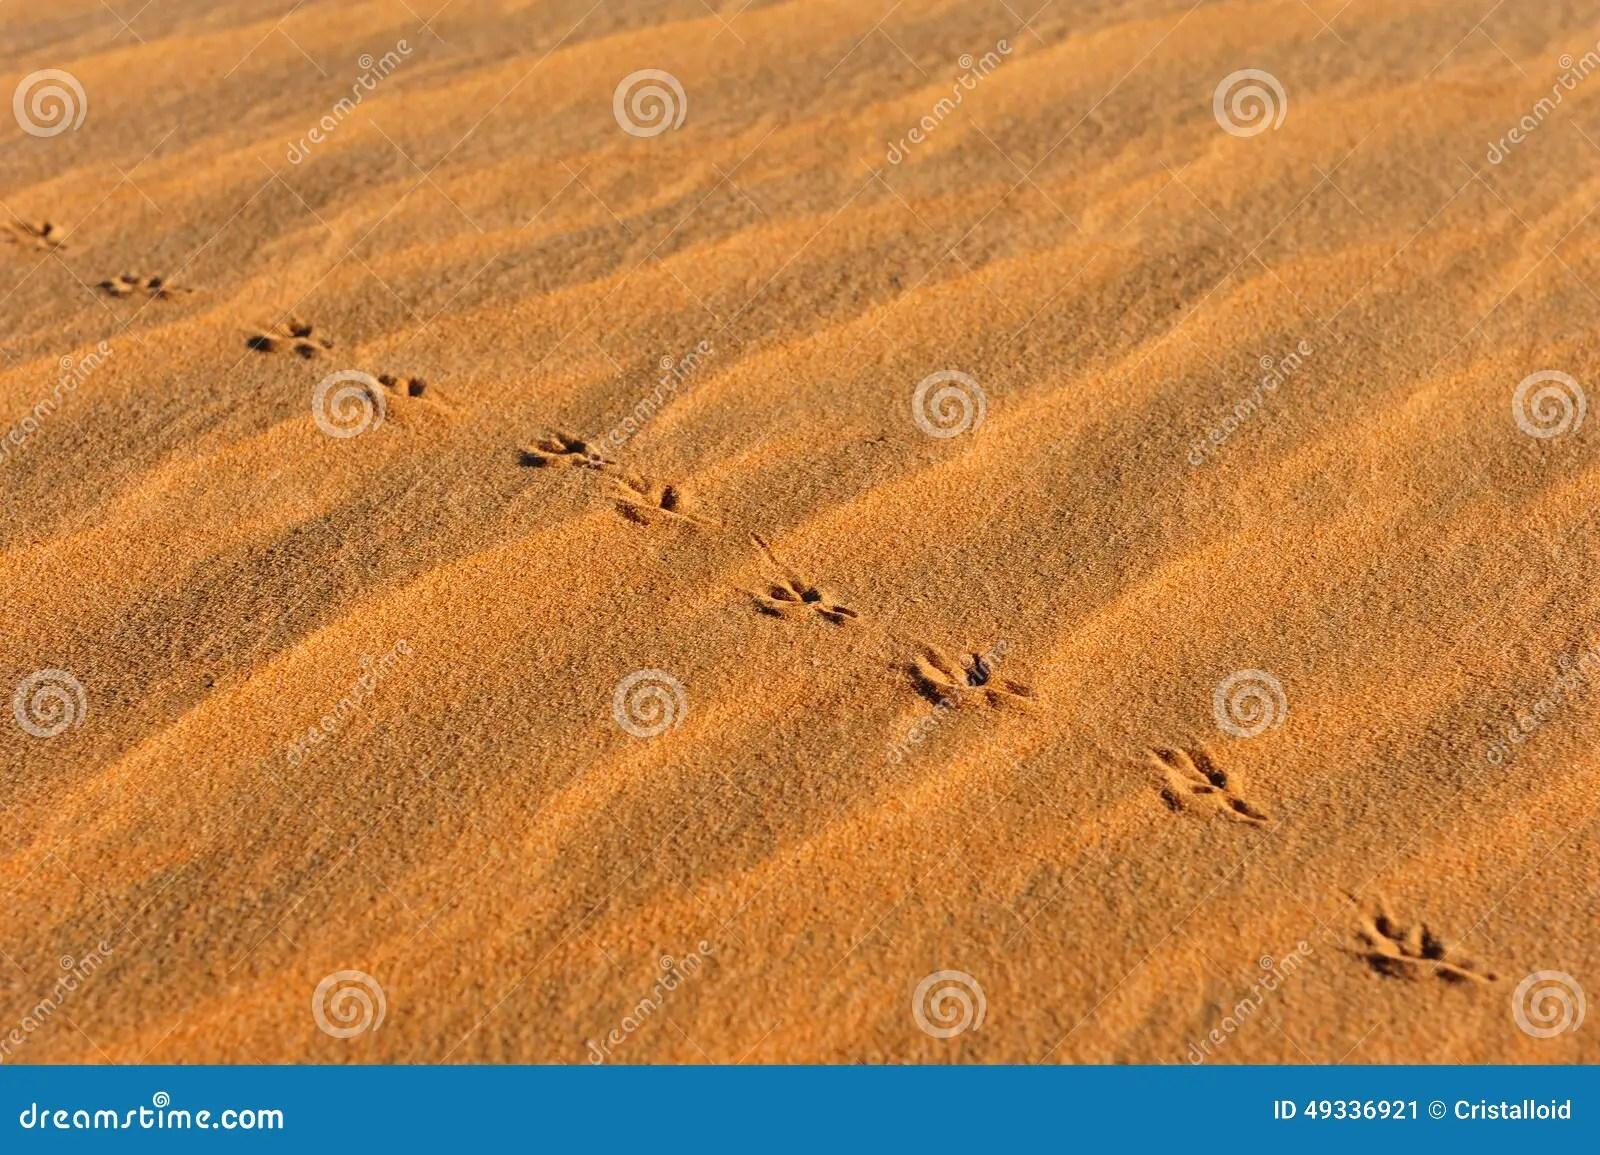 Animal Footprints Stock Photos